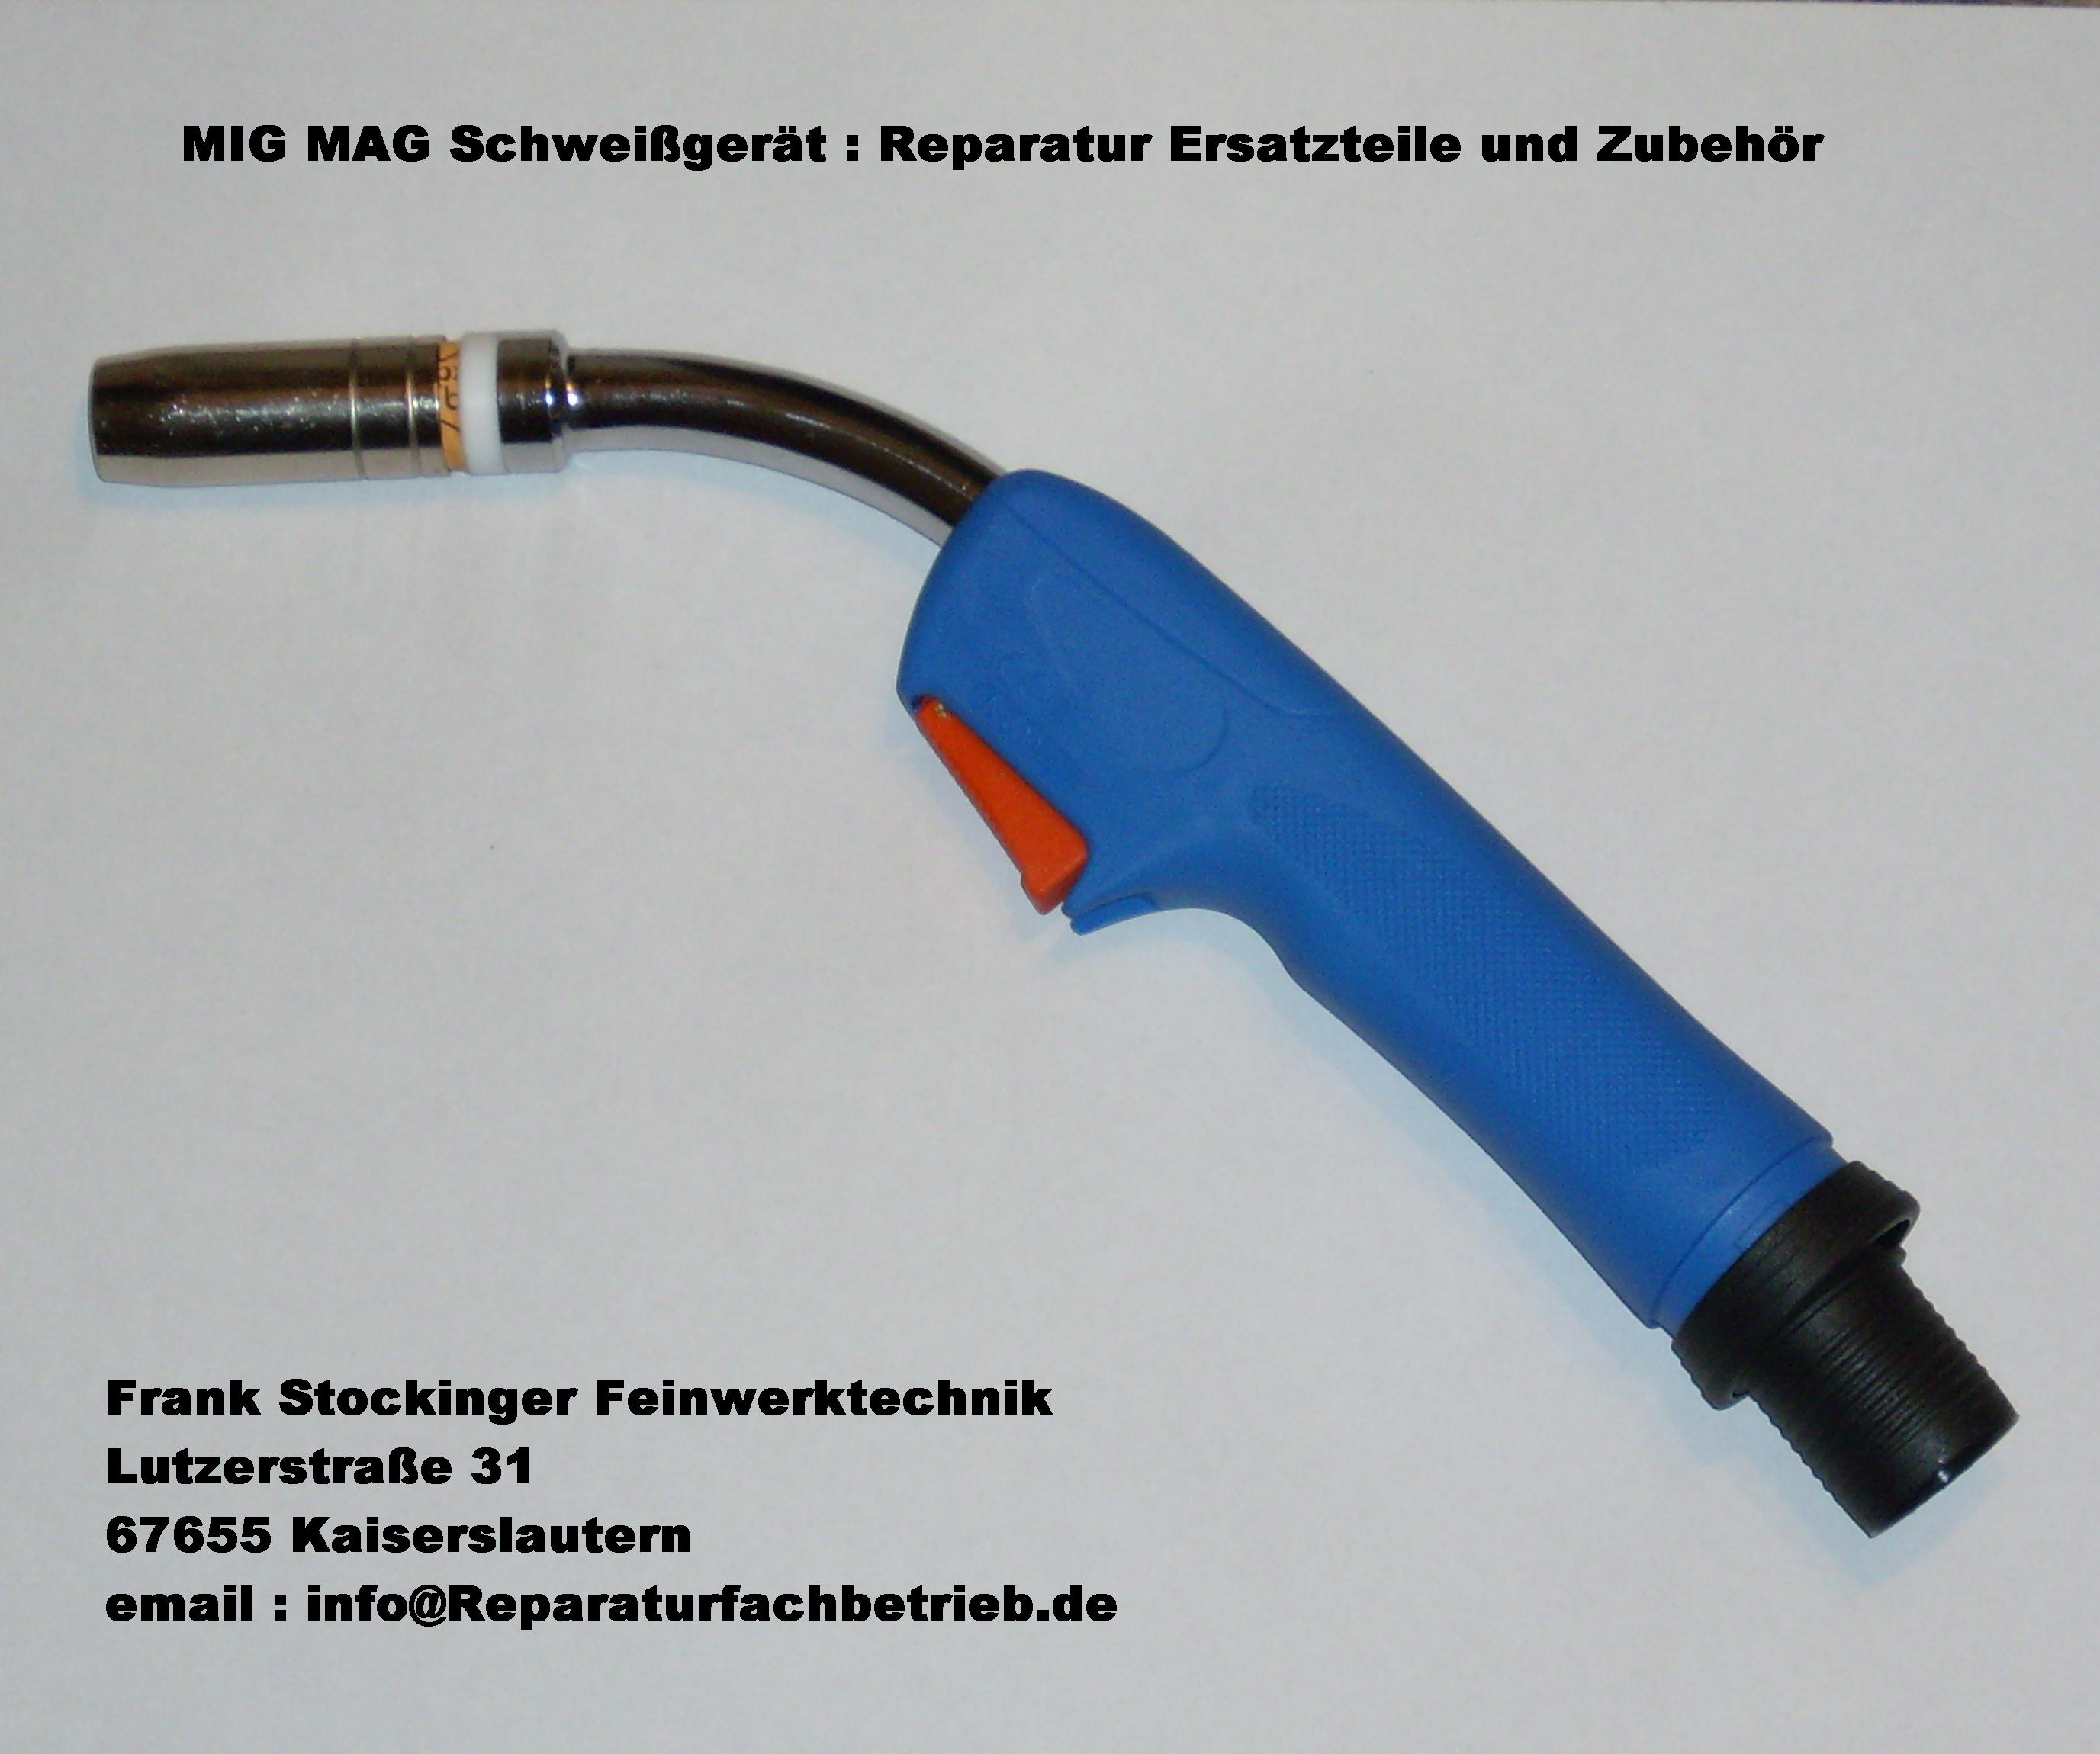 MIG MAG Schutzgasschlauchpaket für Schutzgasschweigerät 3 oder 5 meter lang mit Euro Zentral Anschluß.